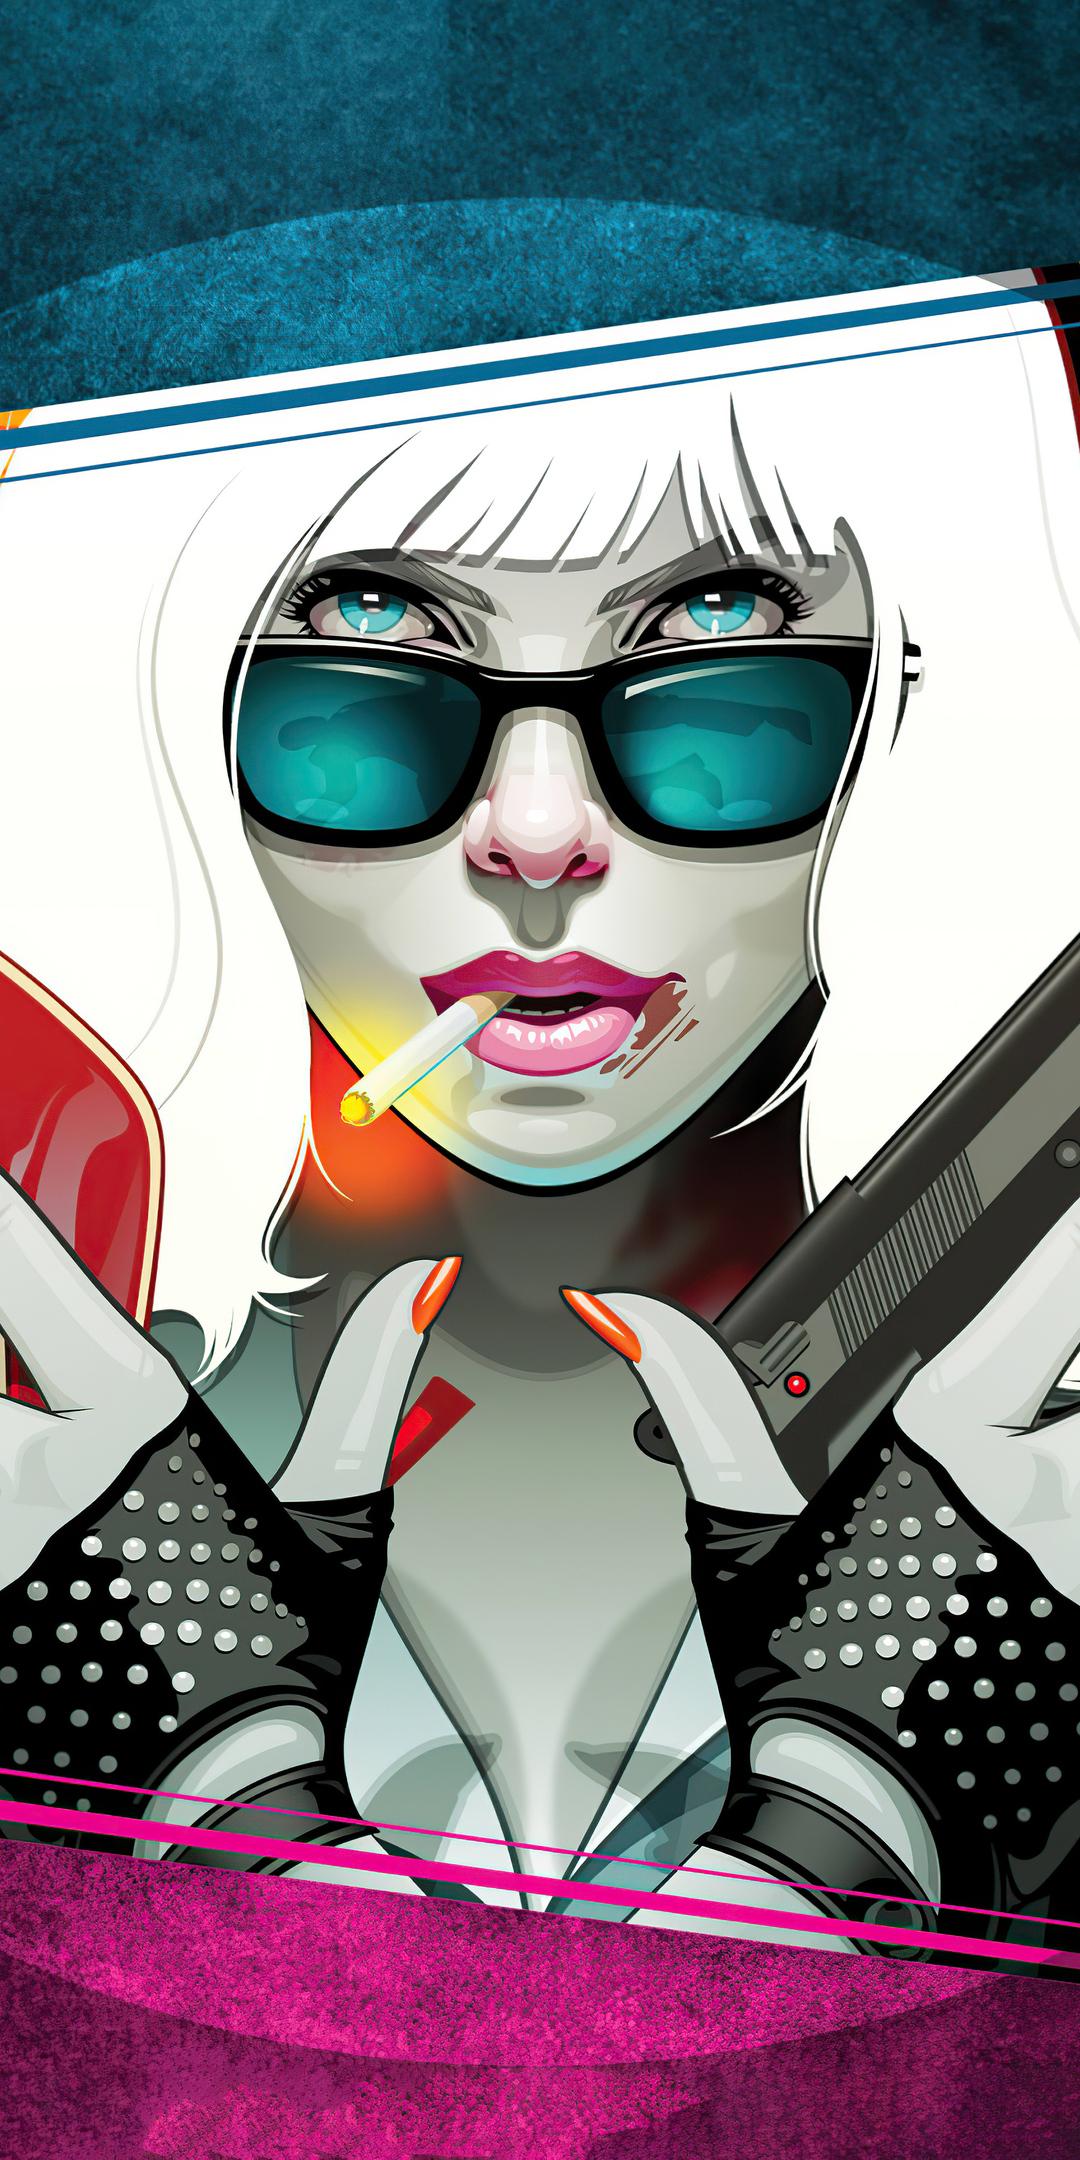 atomic-blonde-illustration-4k-pe.jpg